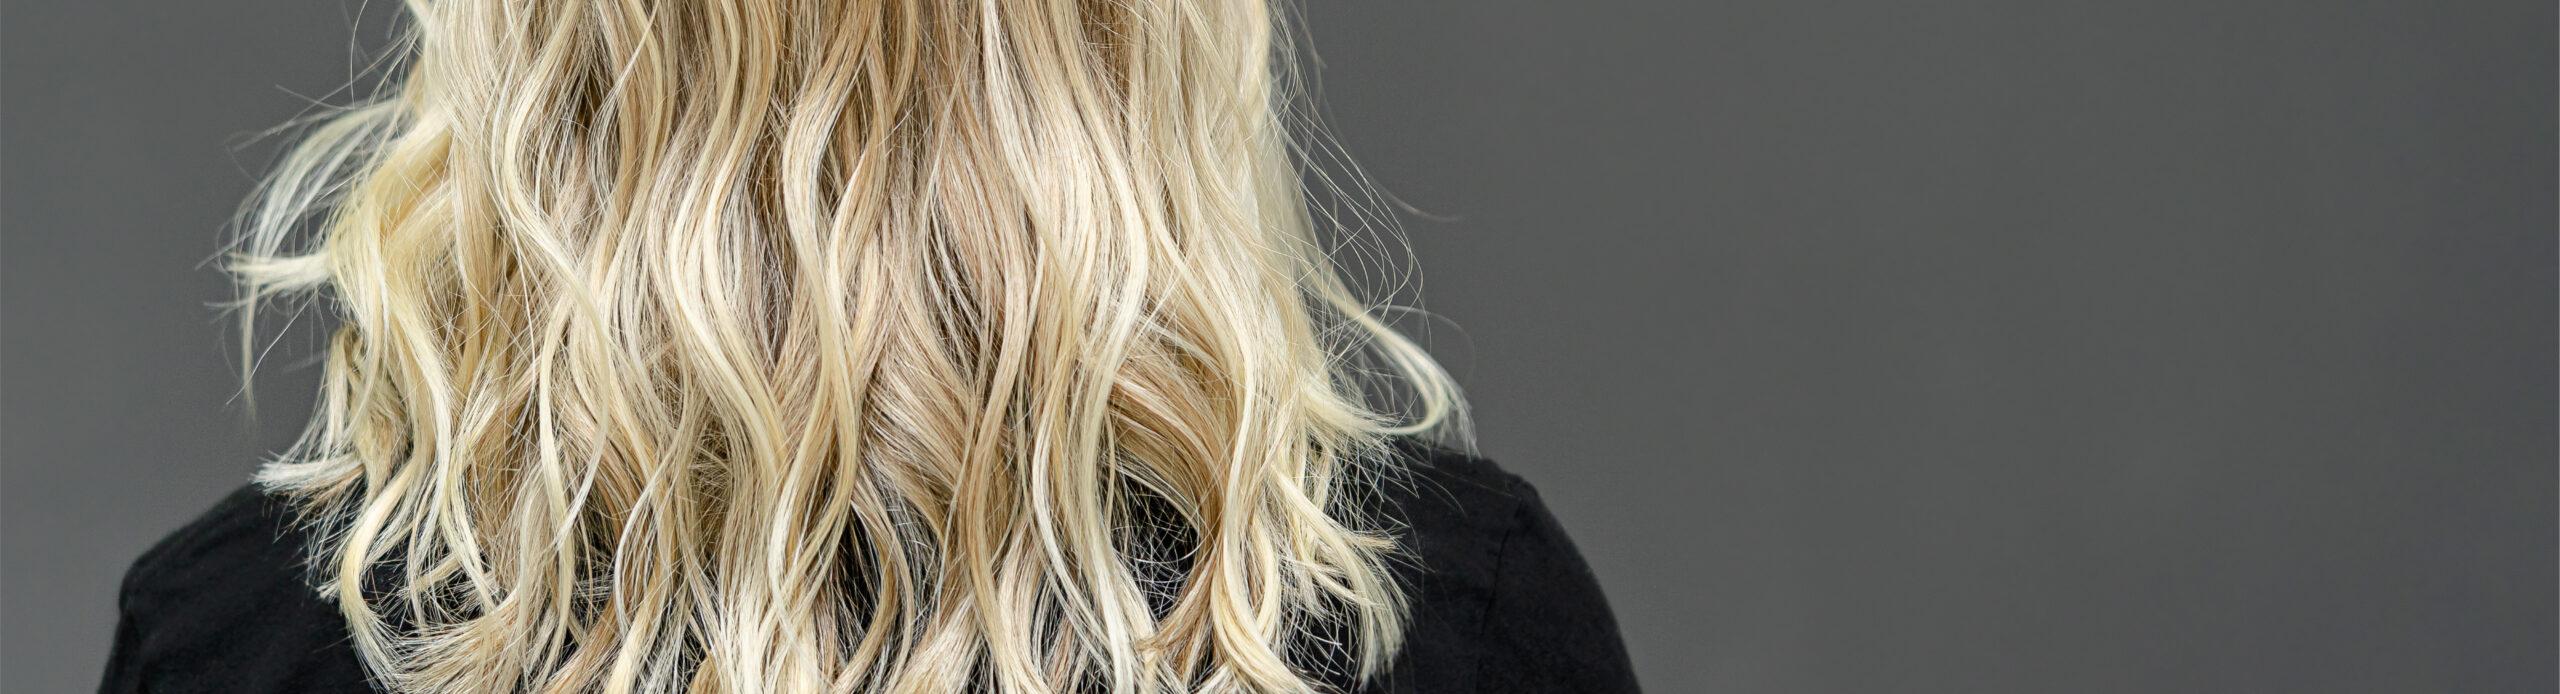 ombre plaukai